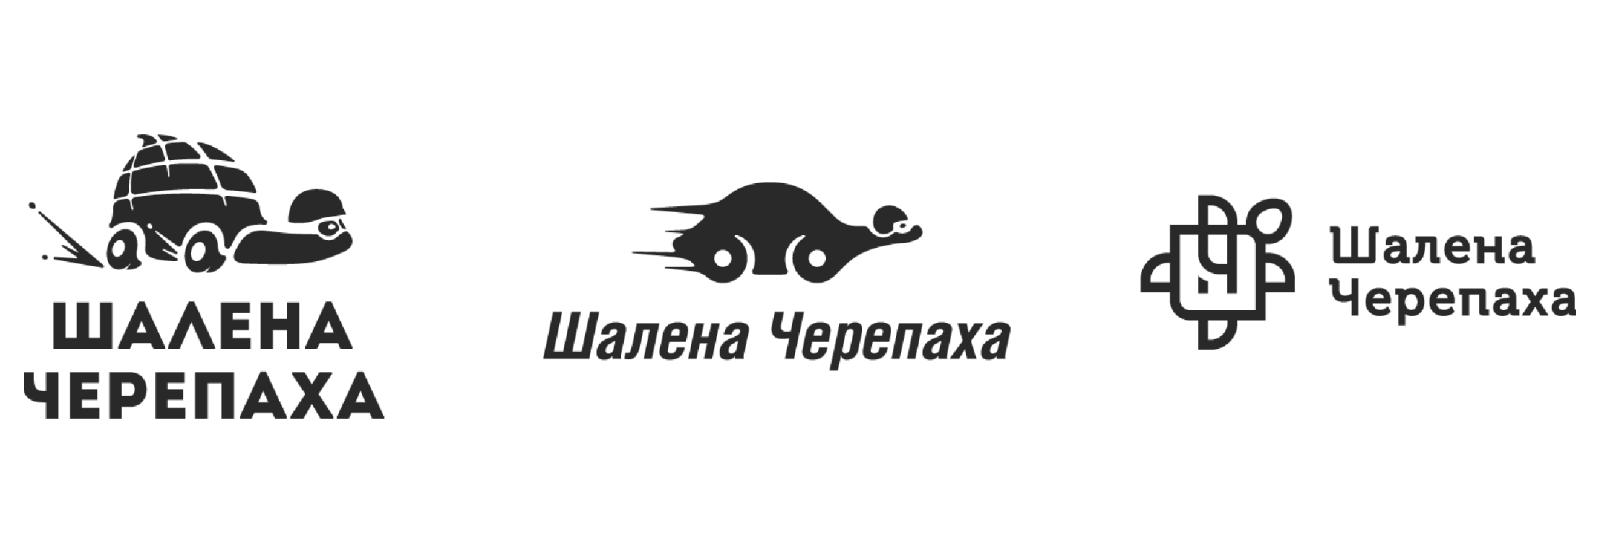 брендирование логотипа